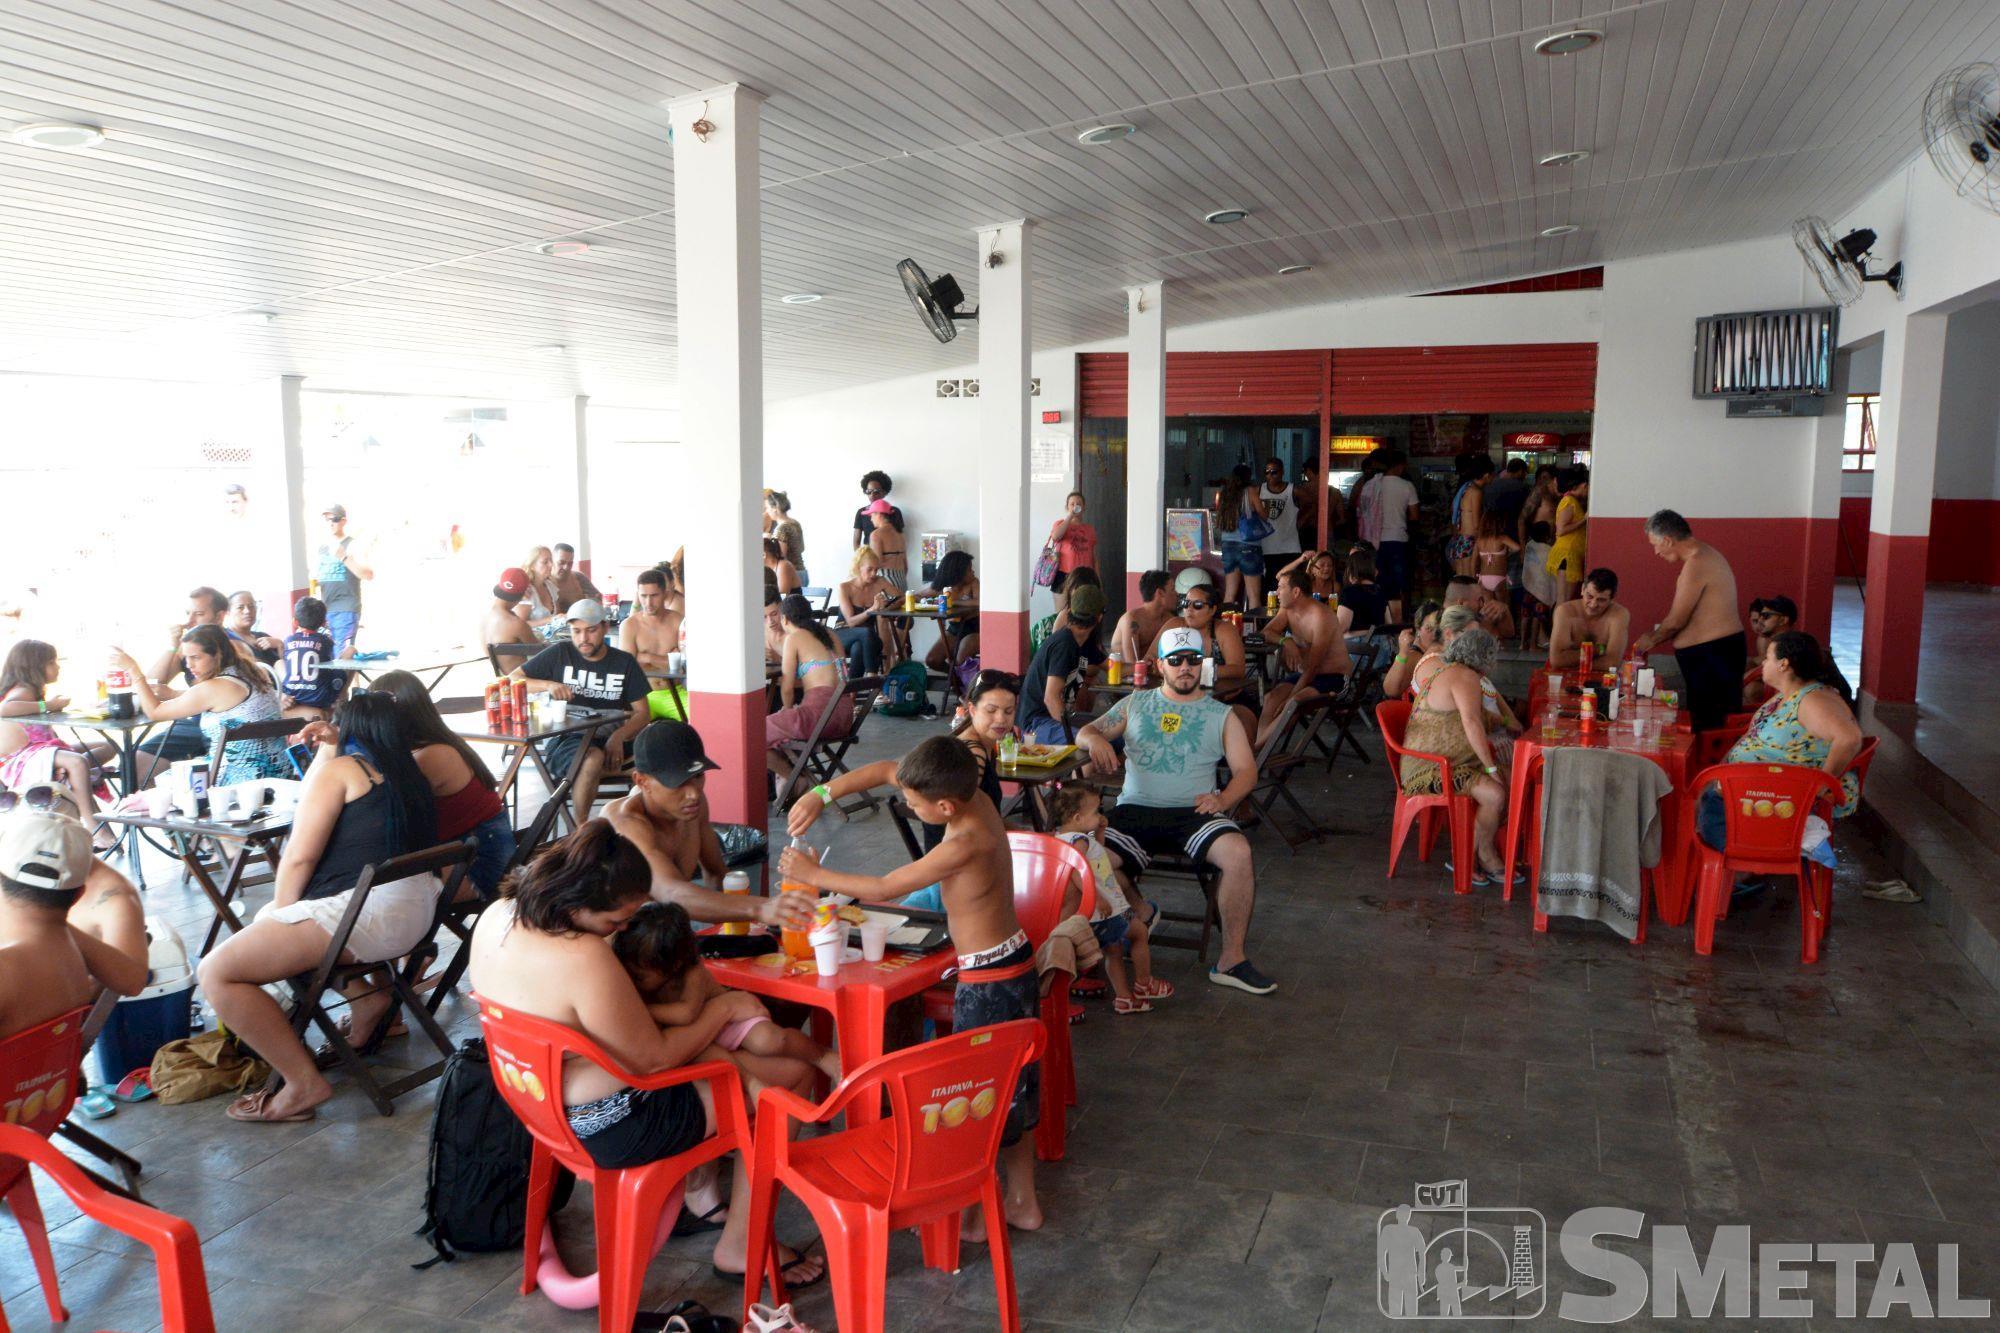 Reabertura das piscinas do Clube de Campo do SMetal, clube,  piscina,  semana,  fotos,  campo,  reabertura, Foguinho / Imprensa SMetal, Calor e música ao vivo marcam a reabertura das piscinas